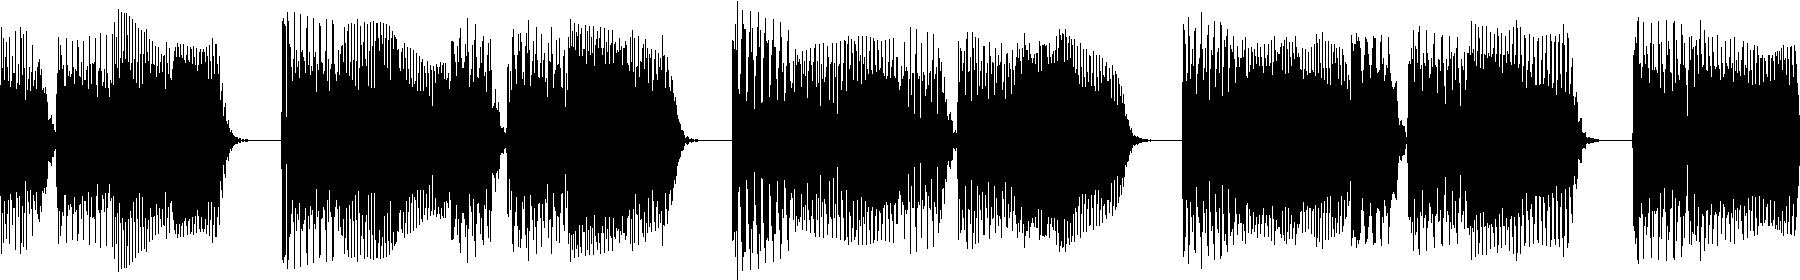 bass17 125